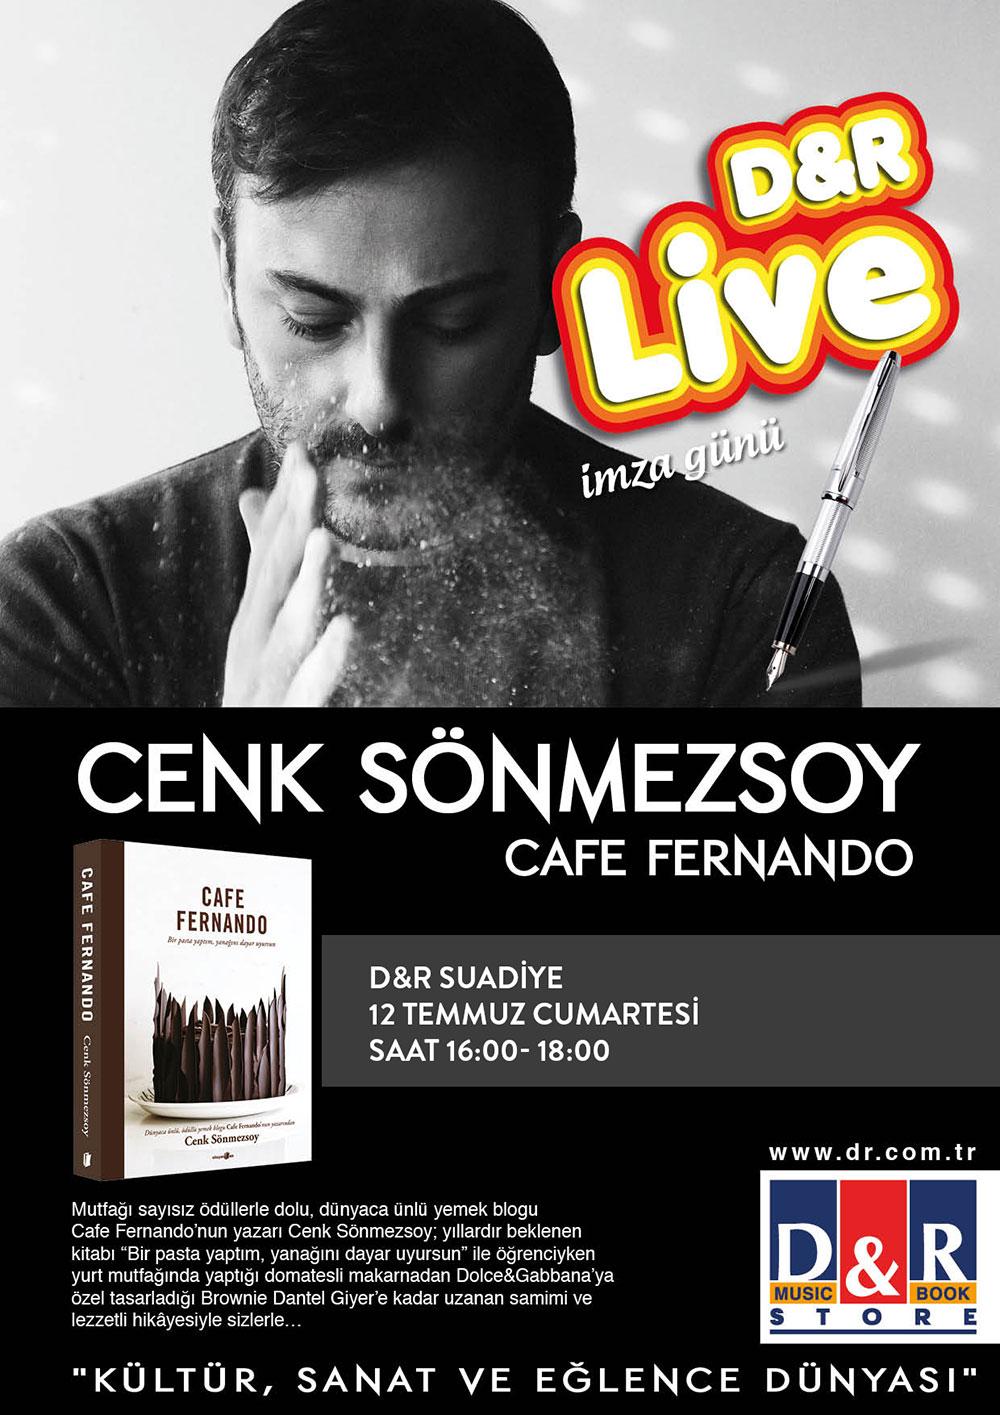 Cafe Fernando İmza Günü D&R Suadiye